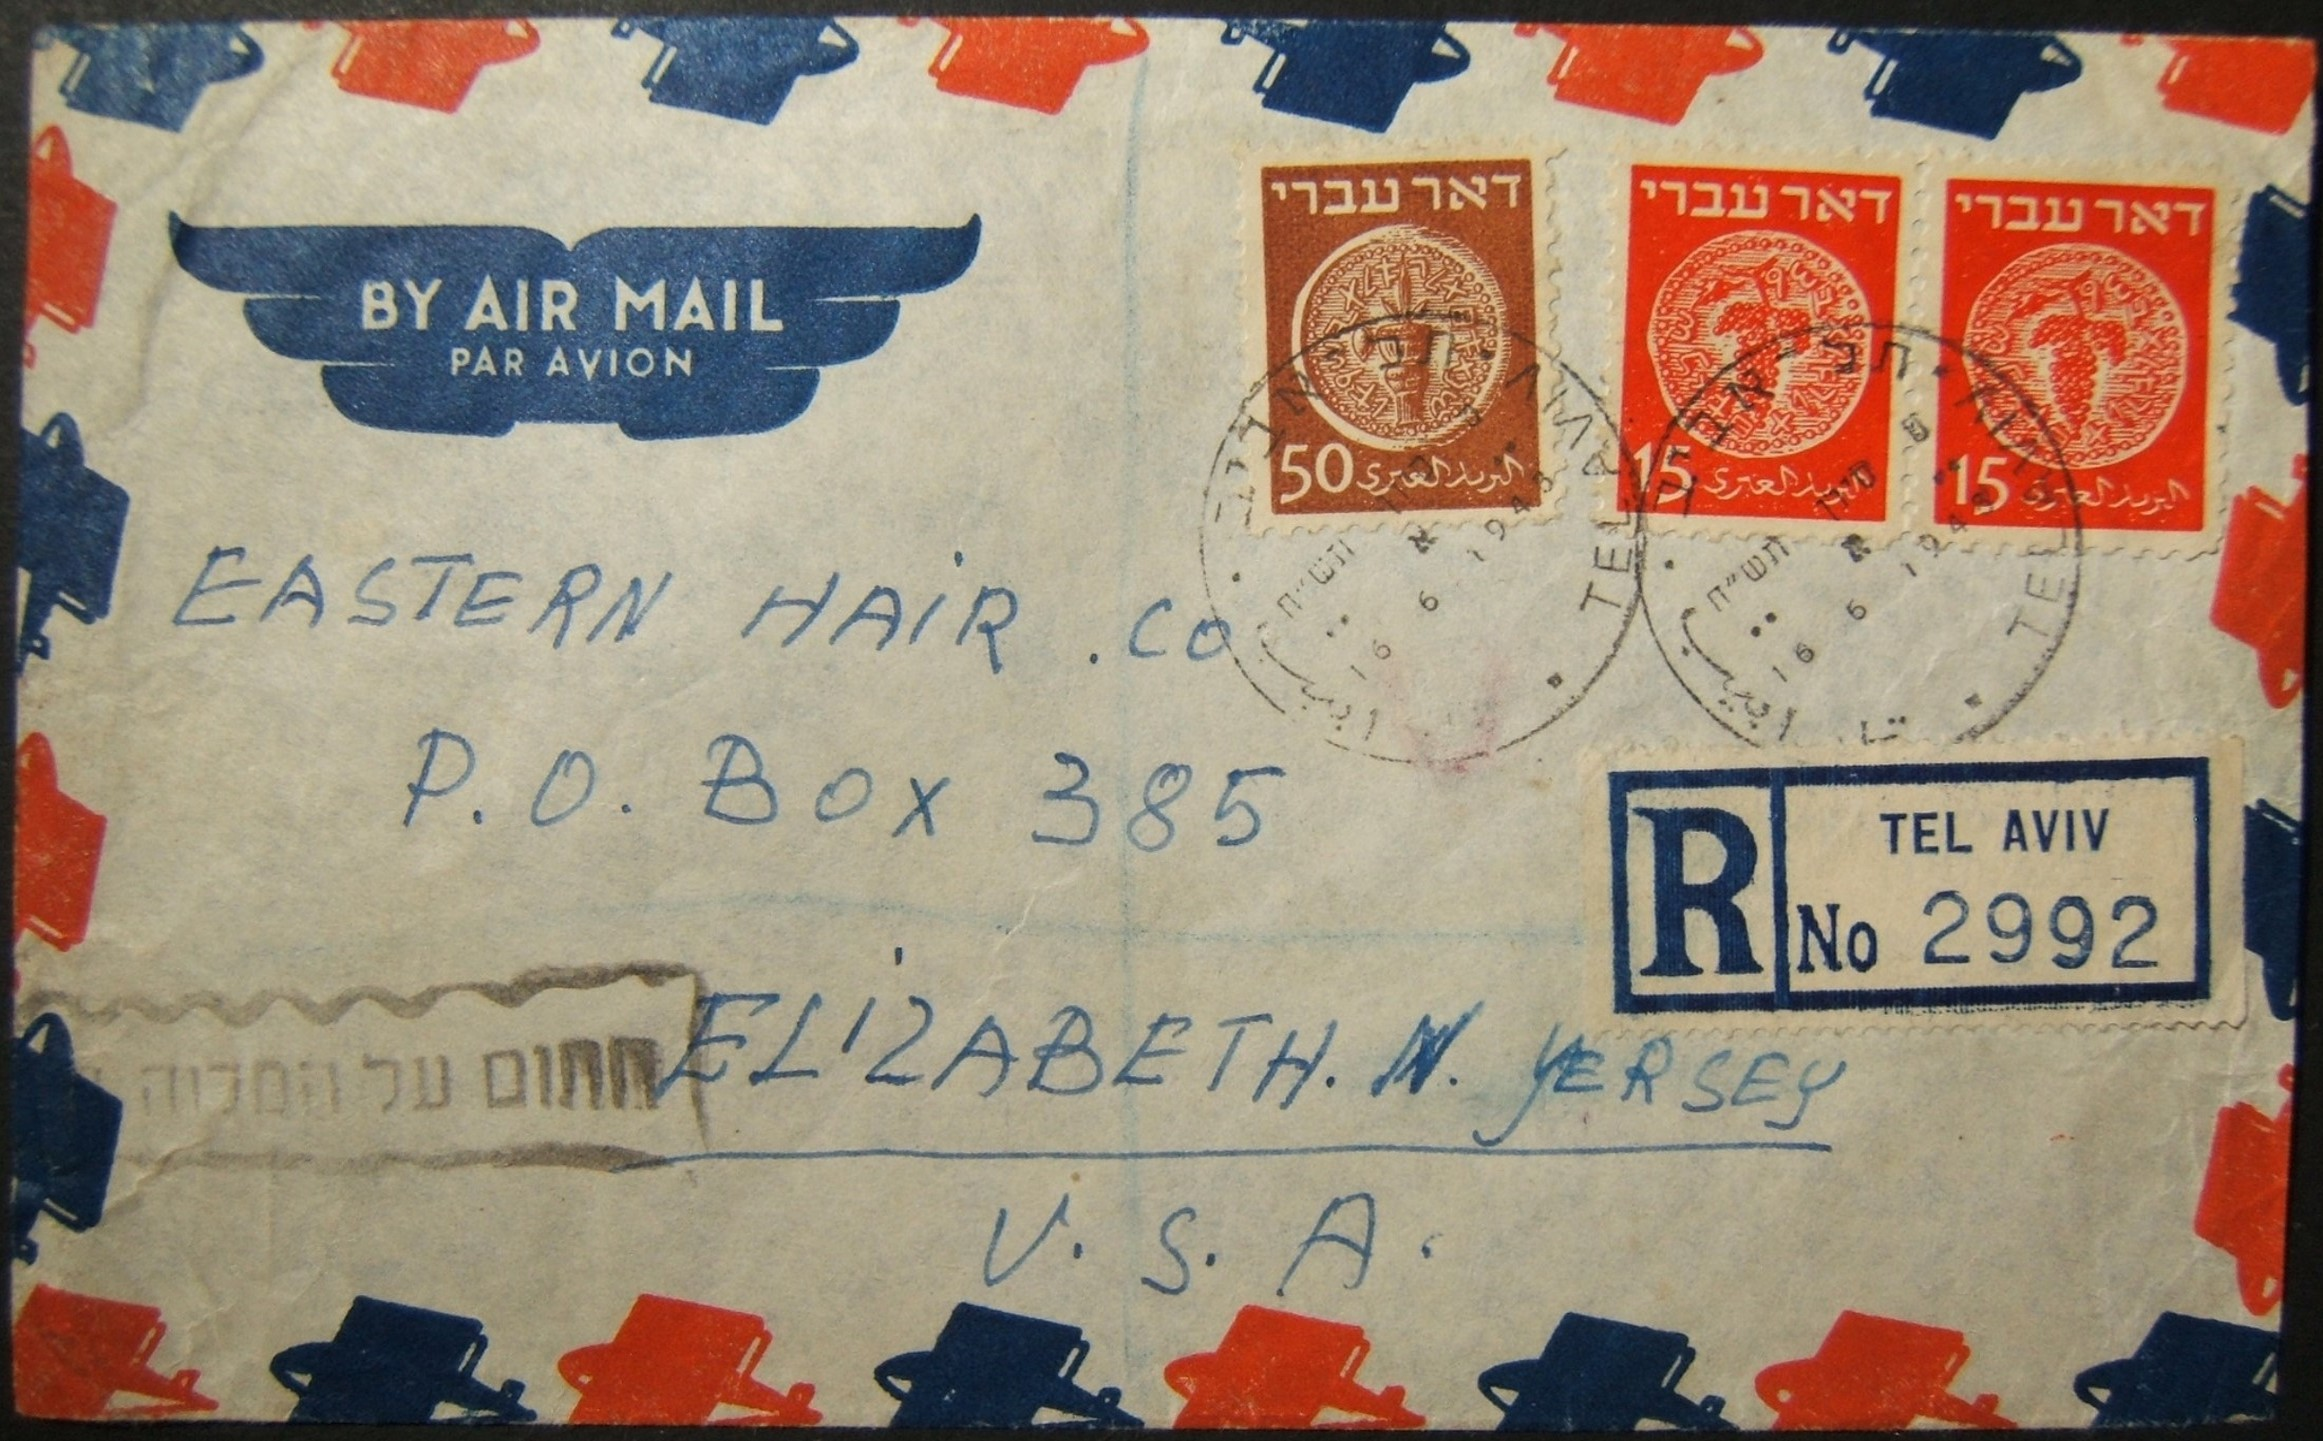 16-6-1948 طيران إسرائيلي مبكر إلى أمريكا من تل أبيب إلى نيو جرسي